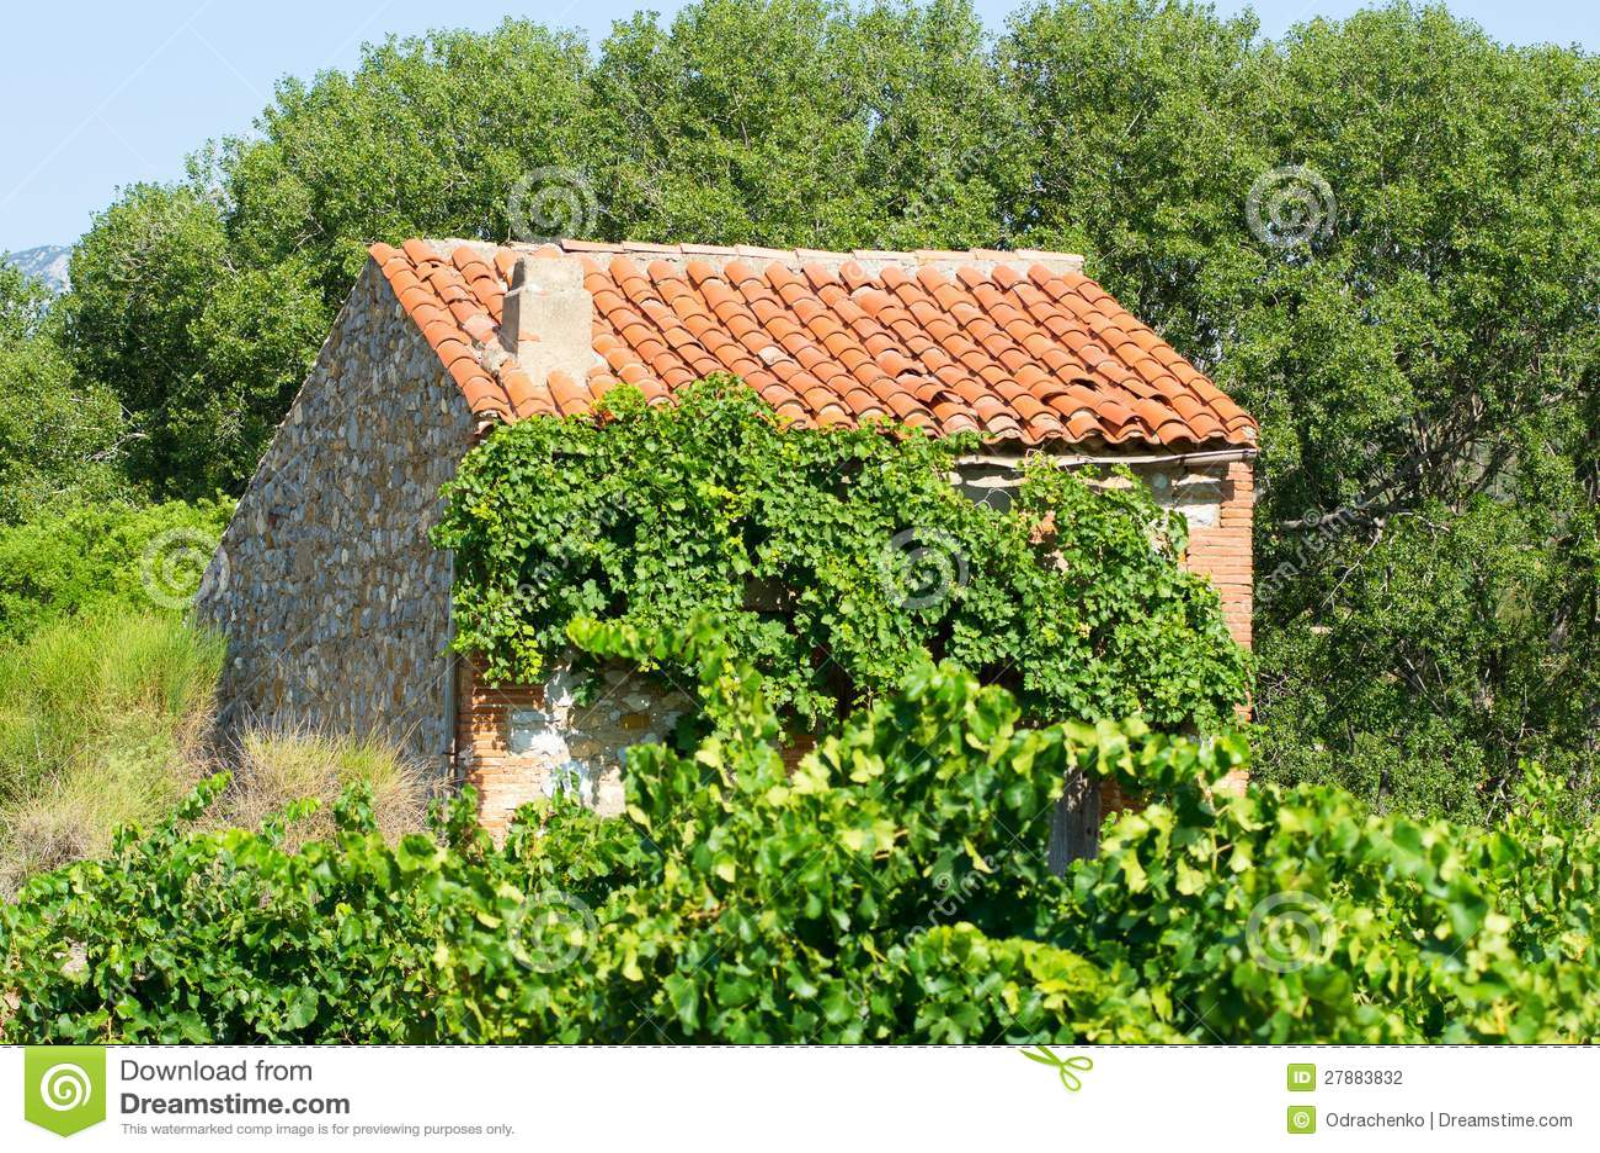 Petite maison une vigne au sud de la france photographie for Achat maison sud france